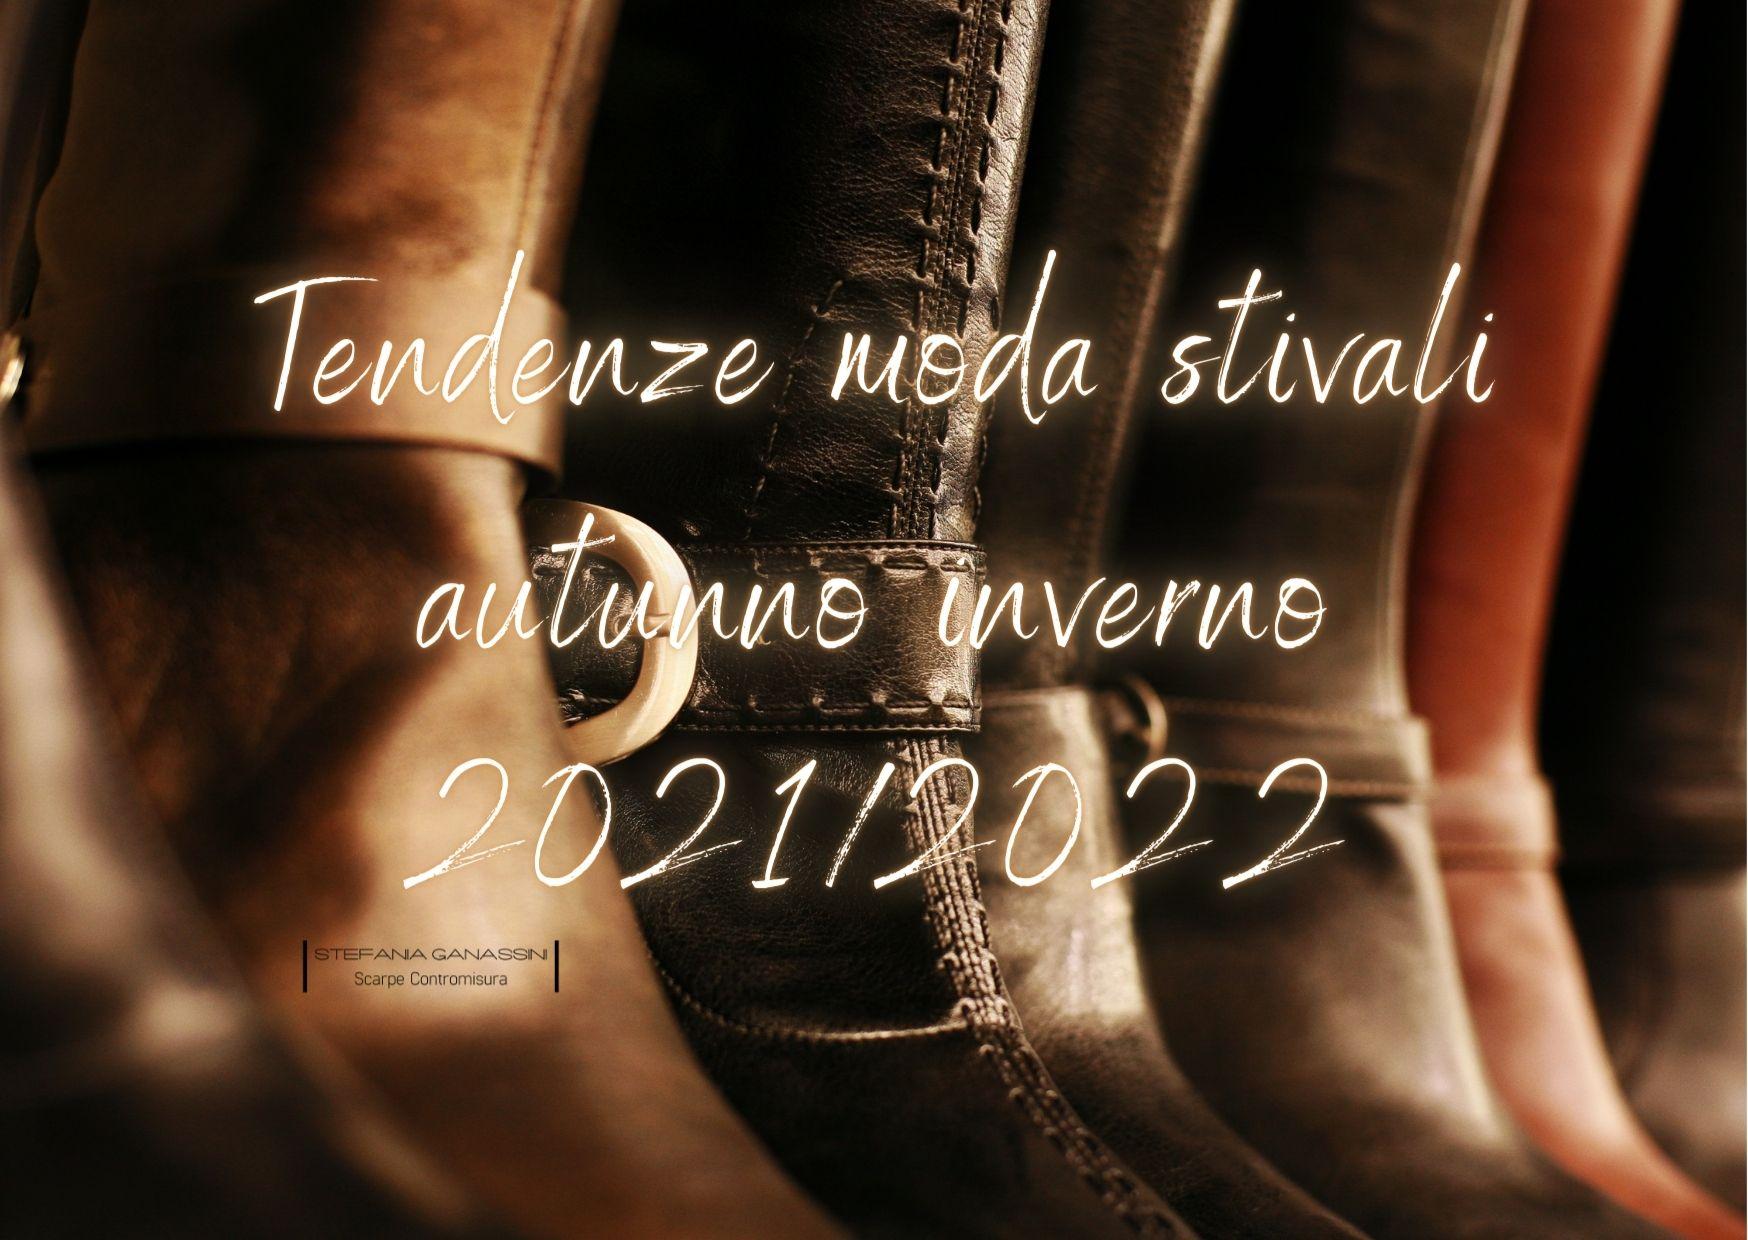 Tendenze moda stivali autunno inverno 20212022